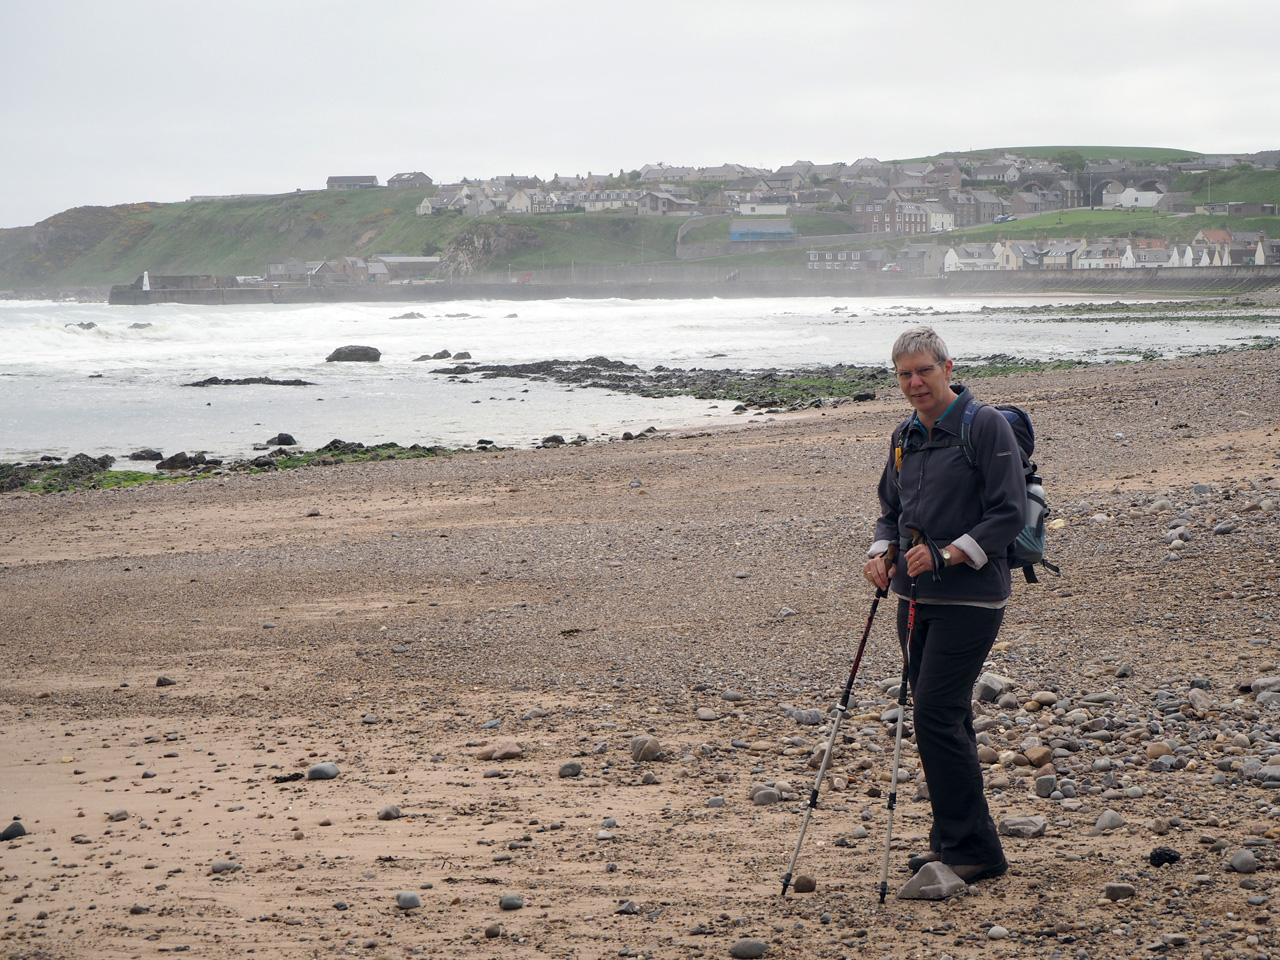 strandwandeling met Cullen op de achtergrond